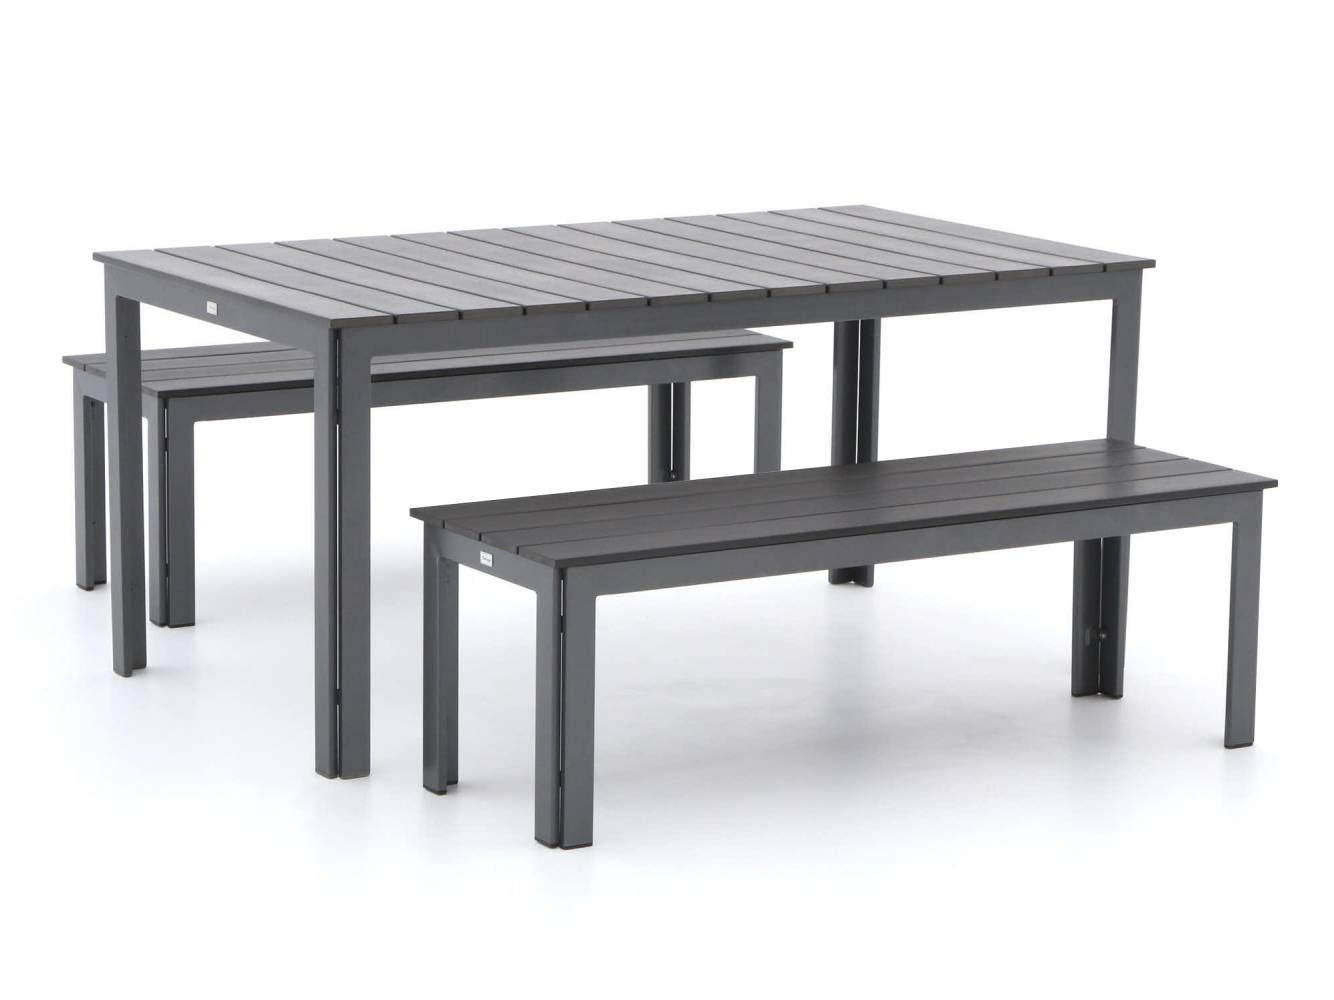 picknicktafel met dubbele bank